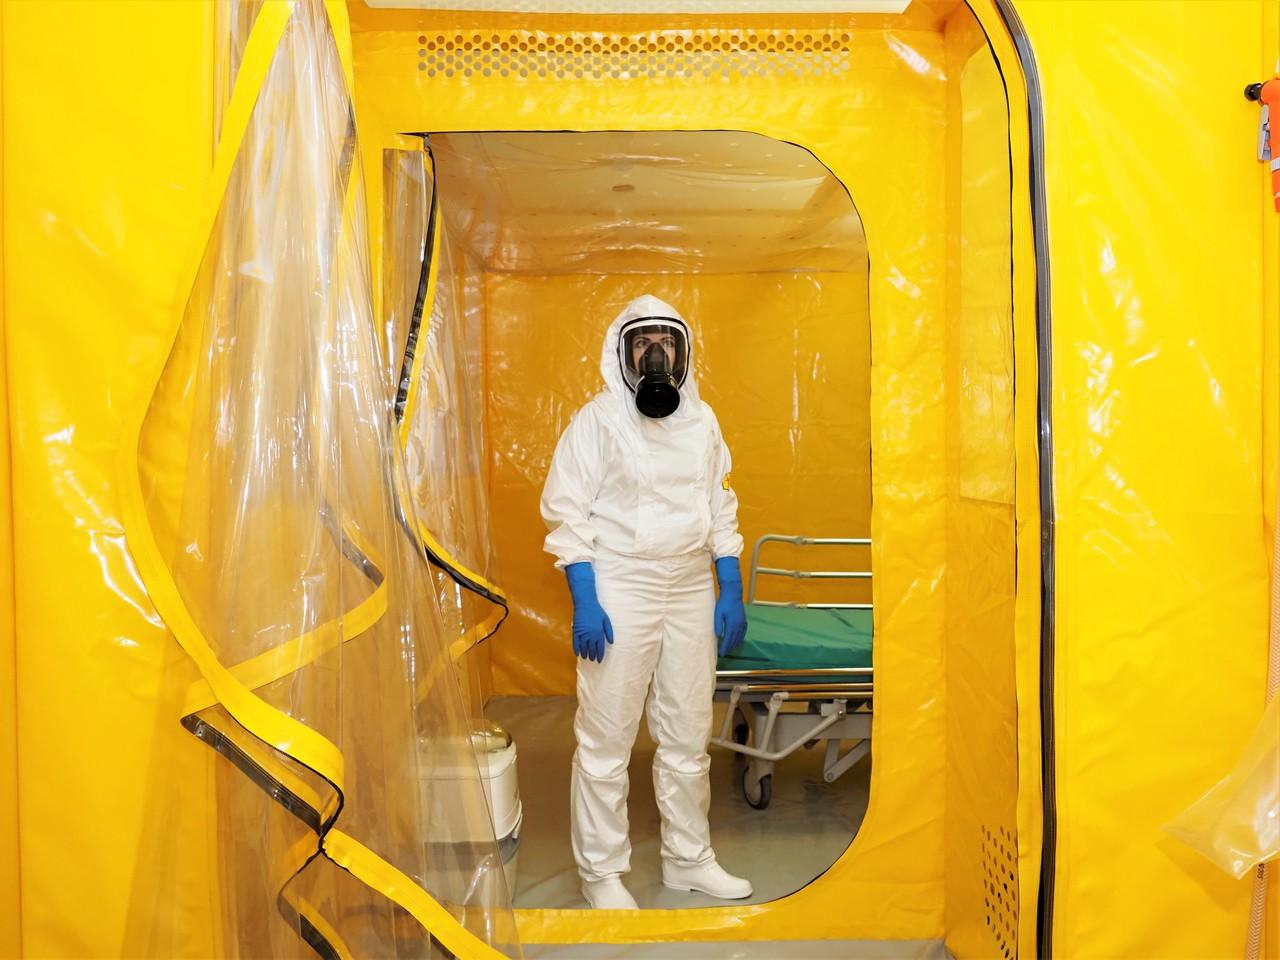 Еще 1,4 тысячи случаев коронавируса зафиксировали в Москве